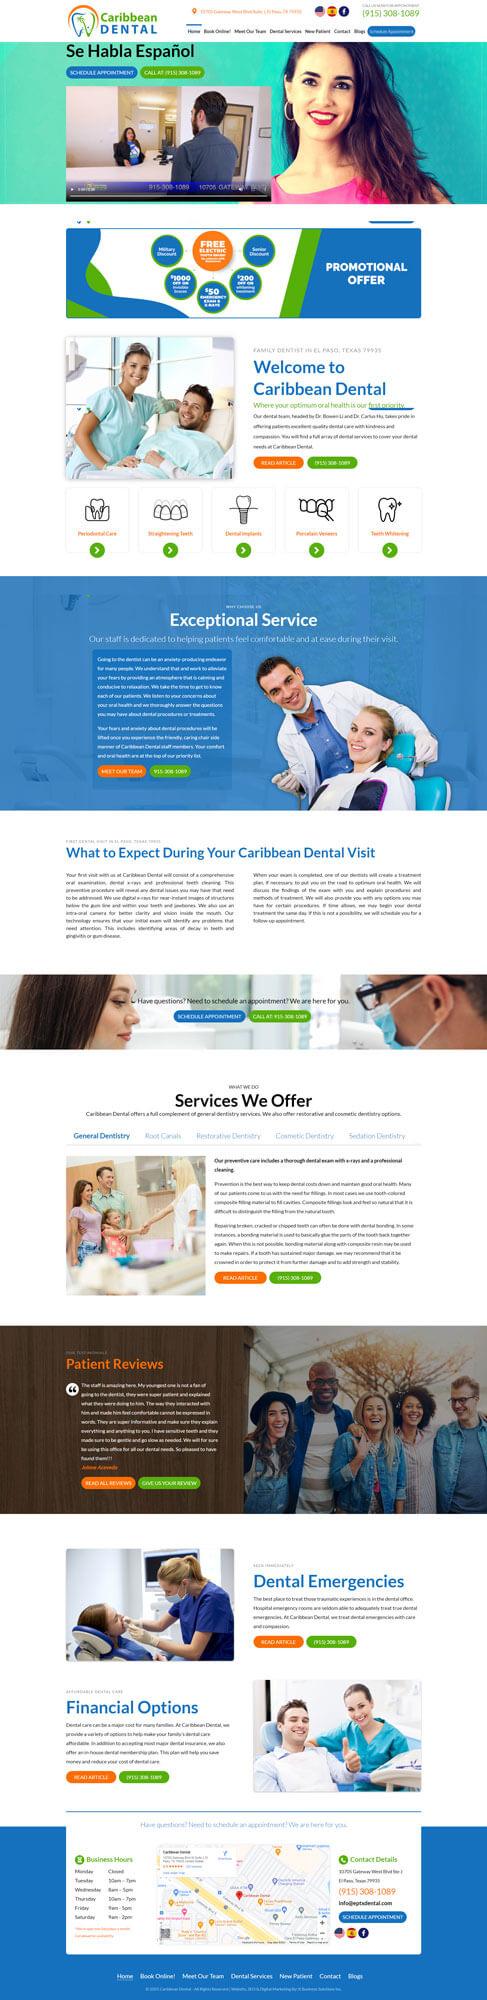 Caribbean Dental